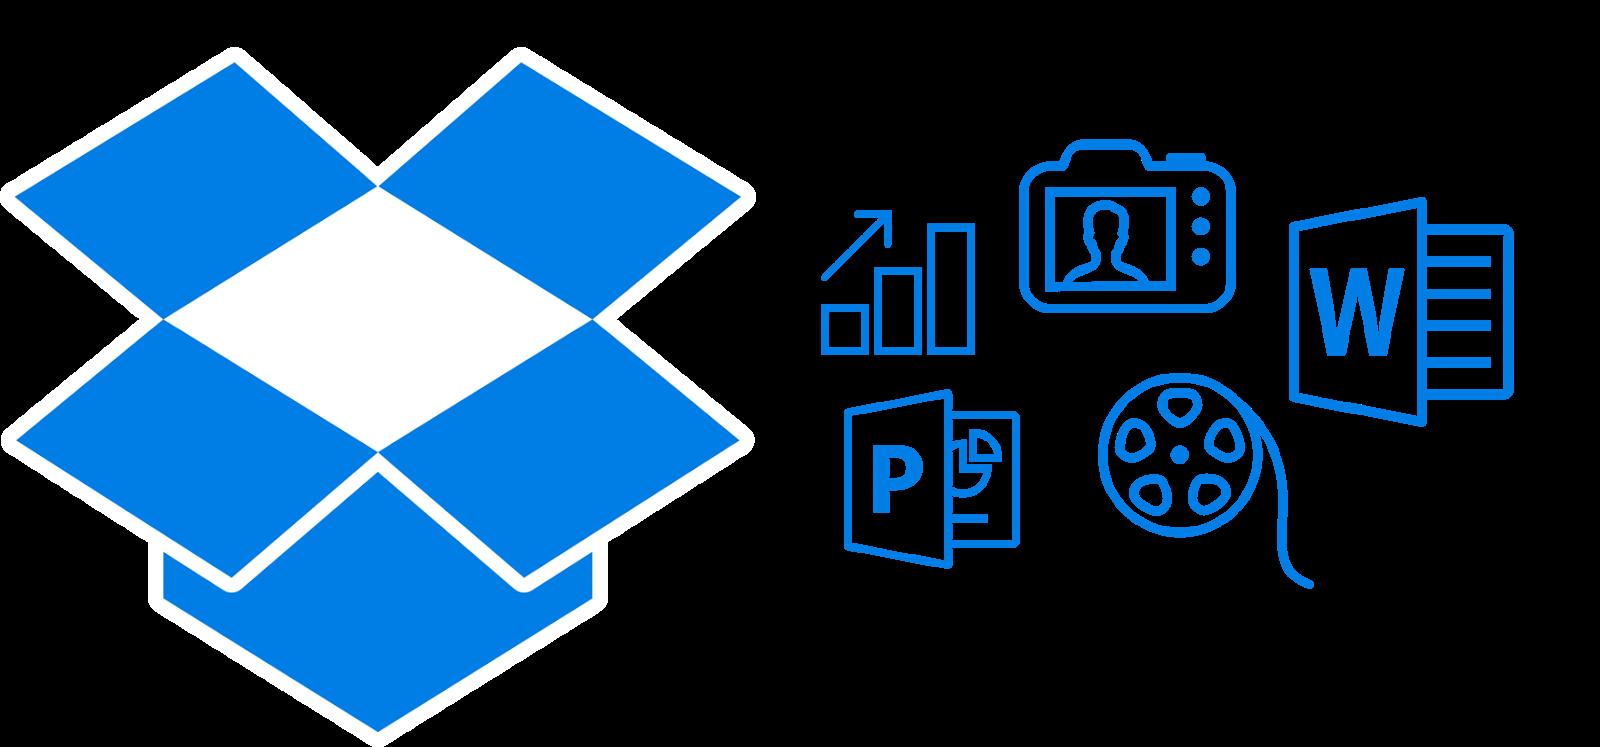 Dropbox para Windows 10 é atualizado com novo design e a capacidade de definir imagens como papel de parede